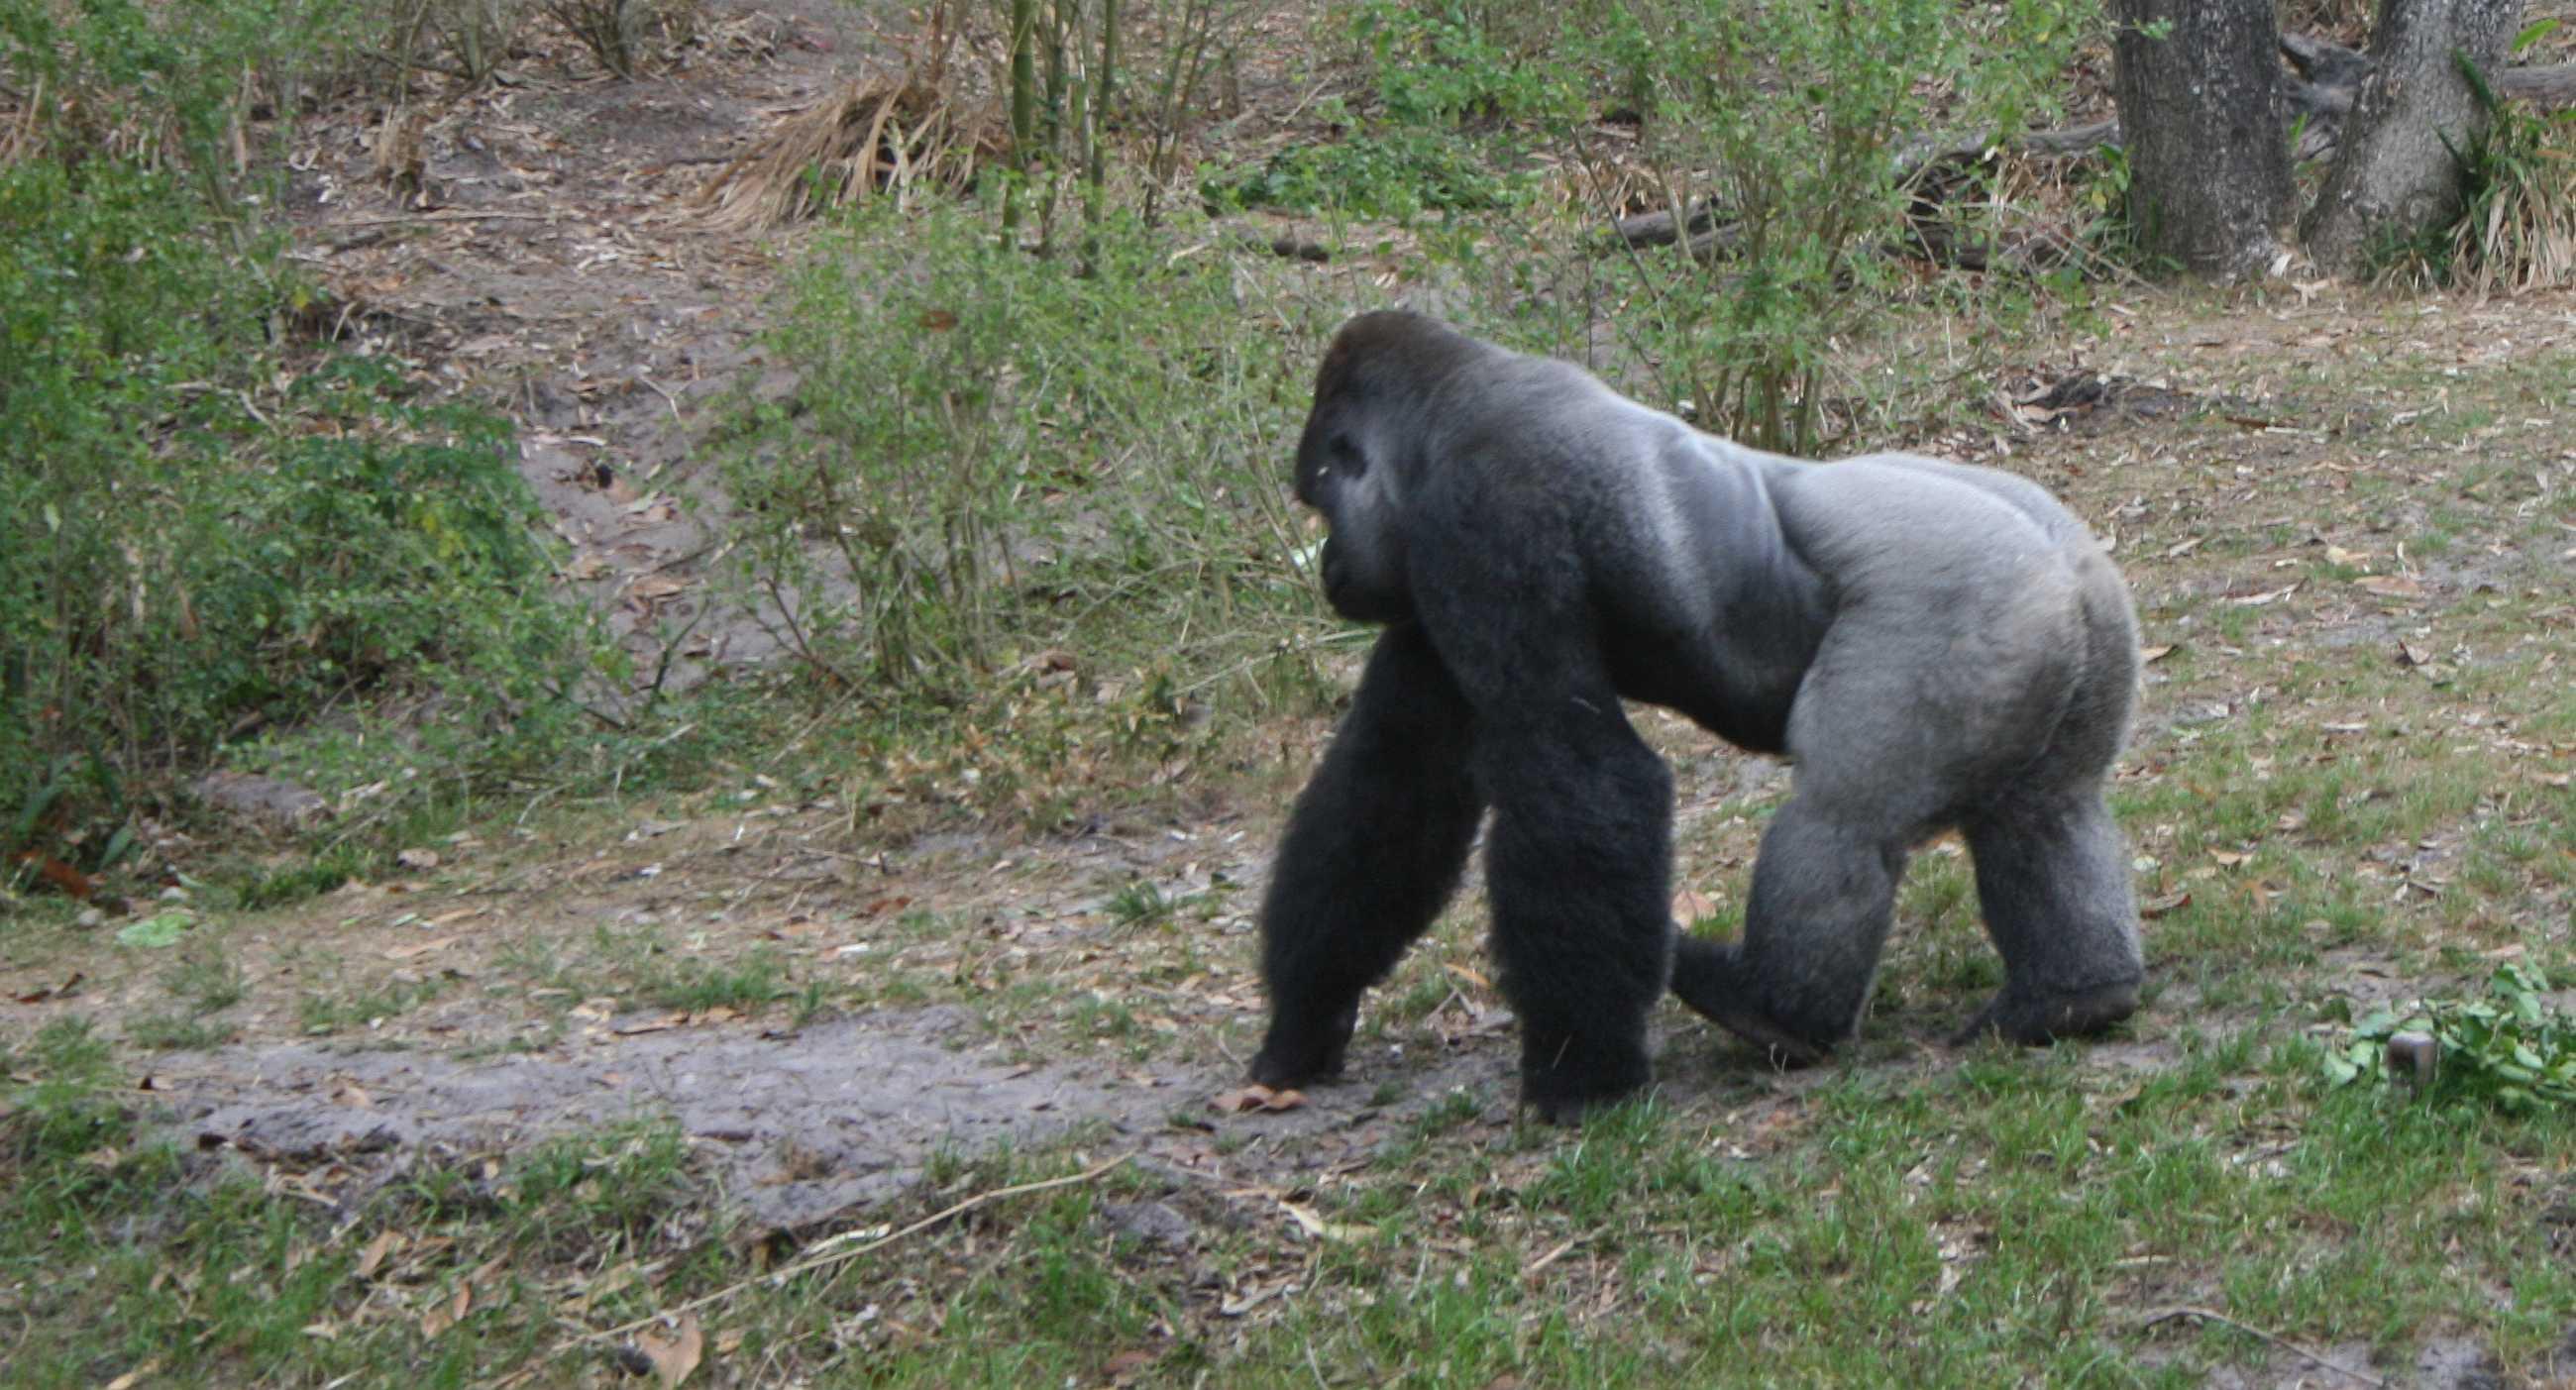 img_0166-0-gorilla-walking